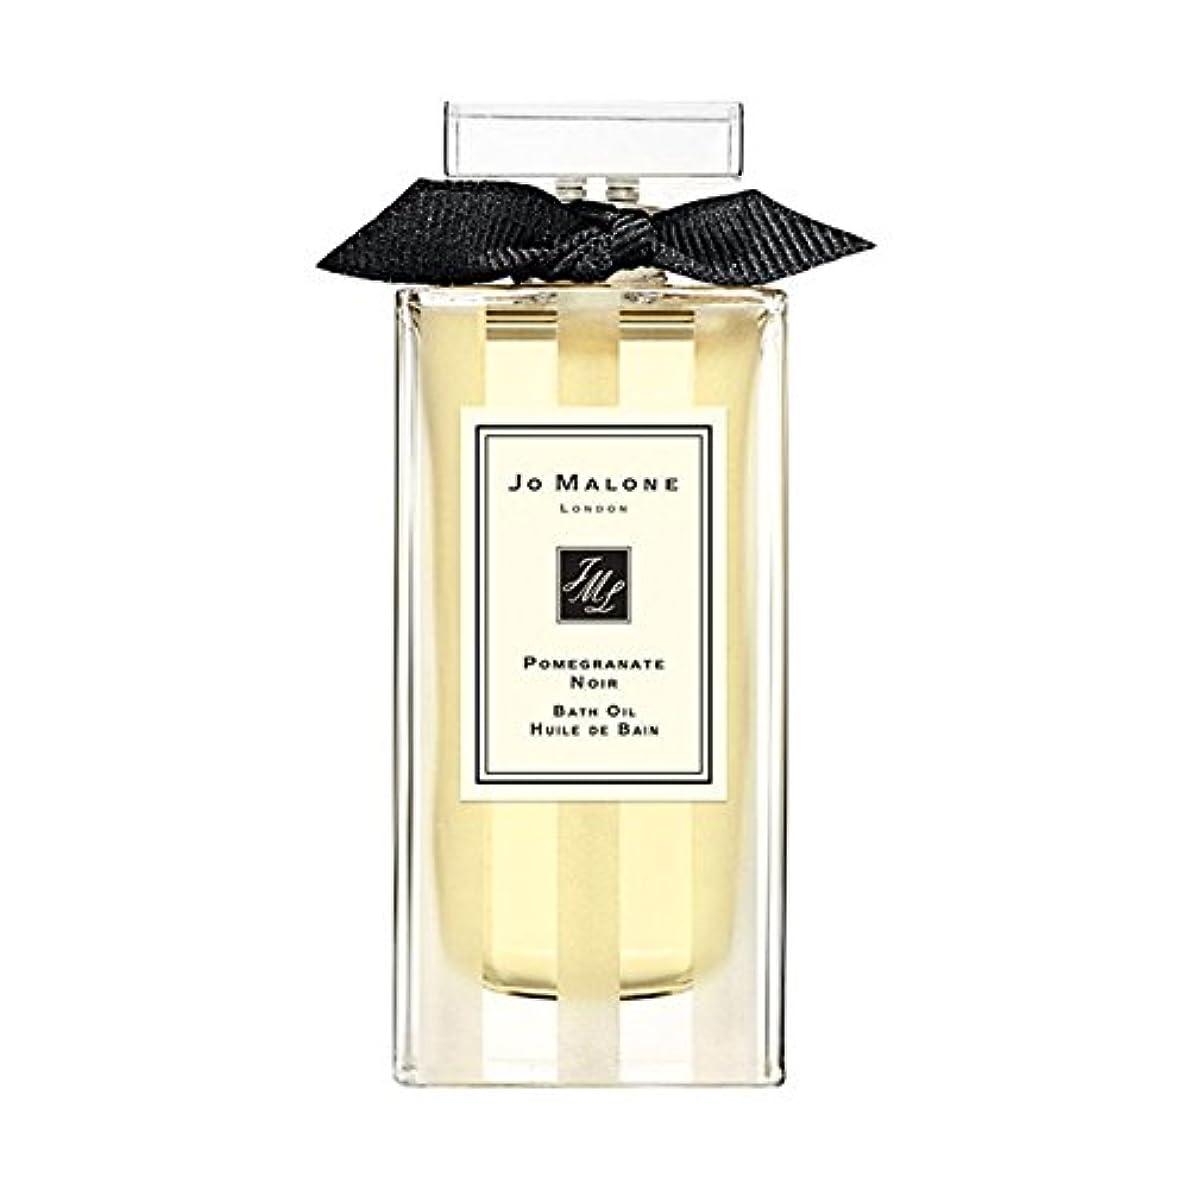 委員長にもかかわらず風邪をひくJo Malone ジョーマローン, バスオイル -ザクロ?ノワール (30ml),'Pomegranate Noir' Bath Oil (1oz) [海外直送品] [並行輸入品]